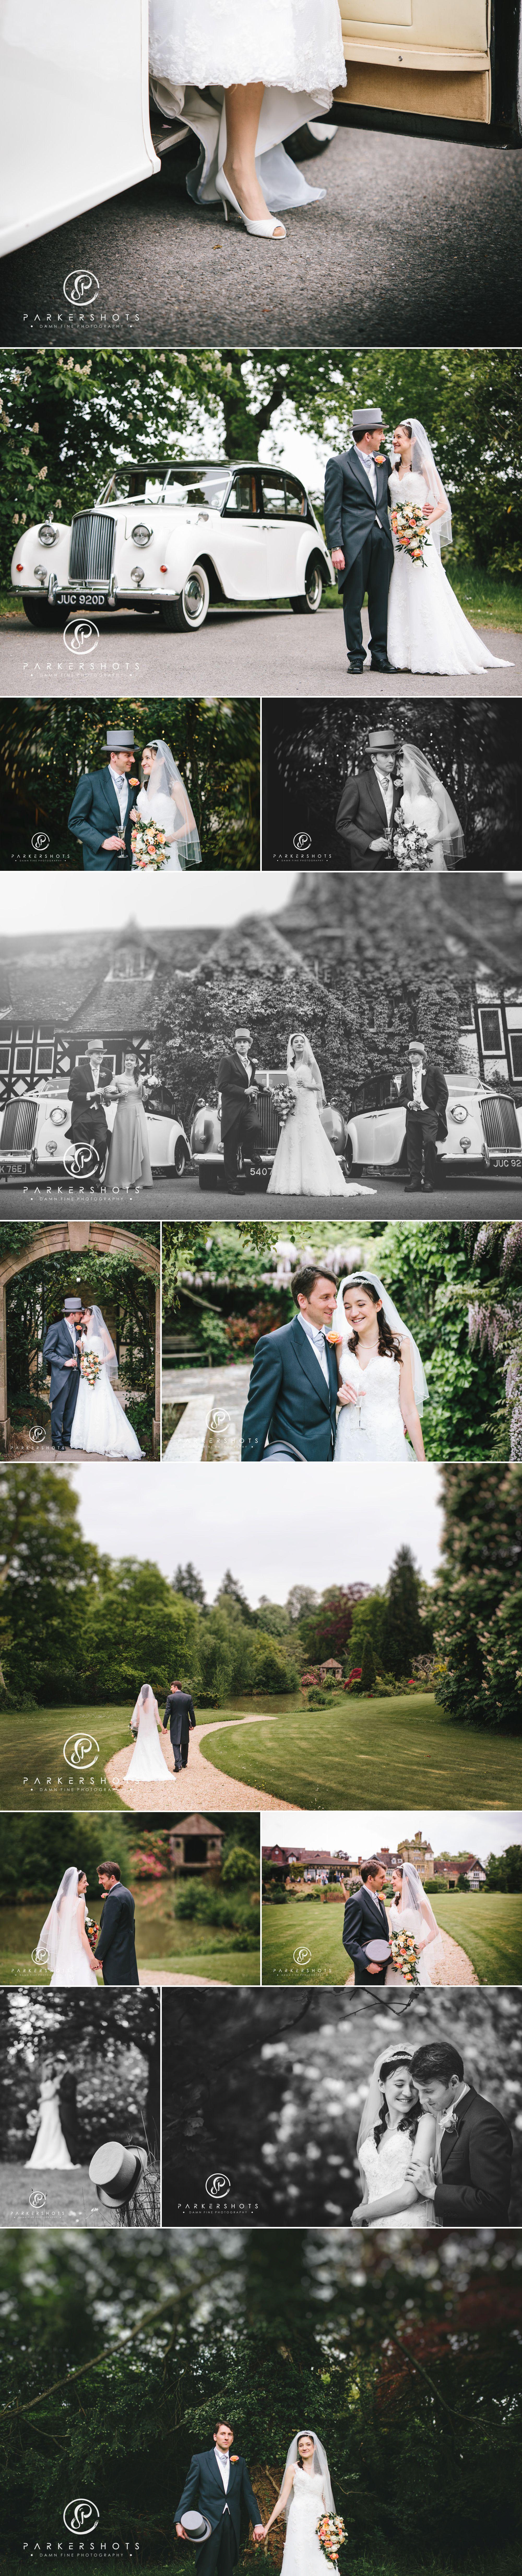 Ravenswood Wedding Photographer